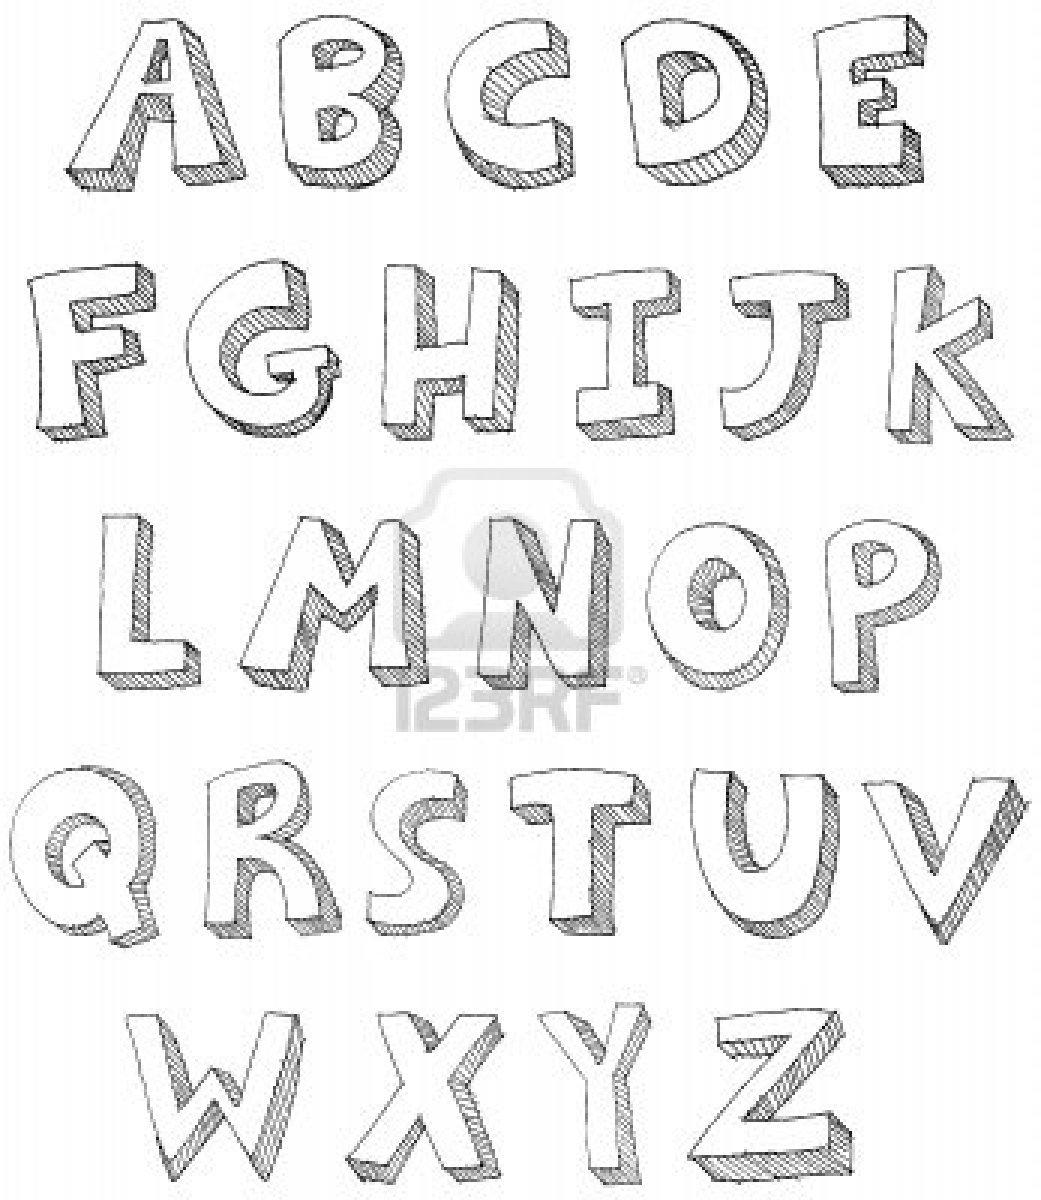 Images Des Alphas Lalphabet Des Alphas En Images Couleur Et concernant Coloriage Alphabet Complet A Imprimer